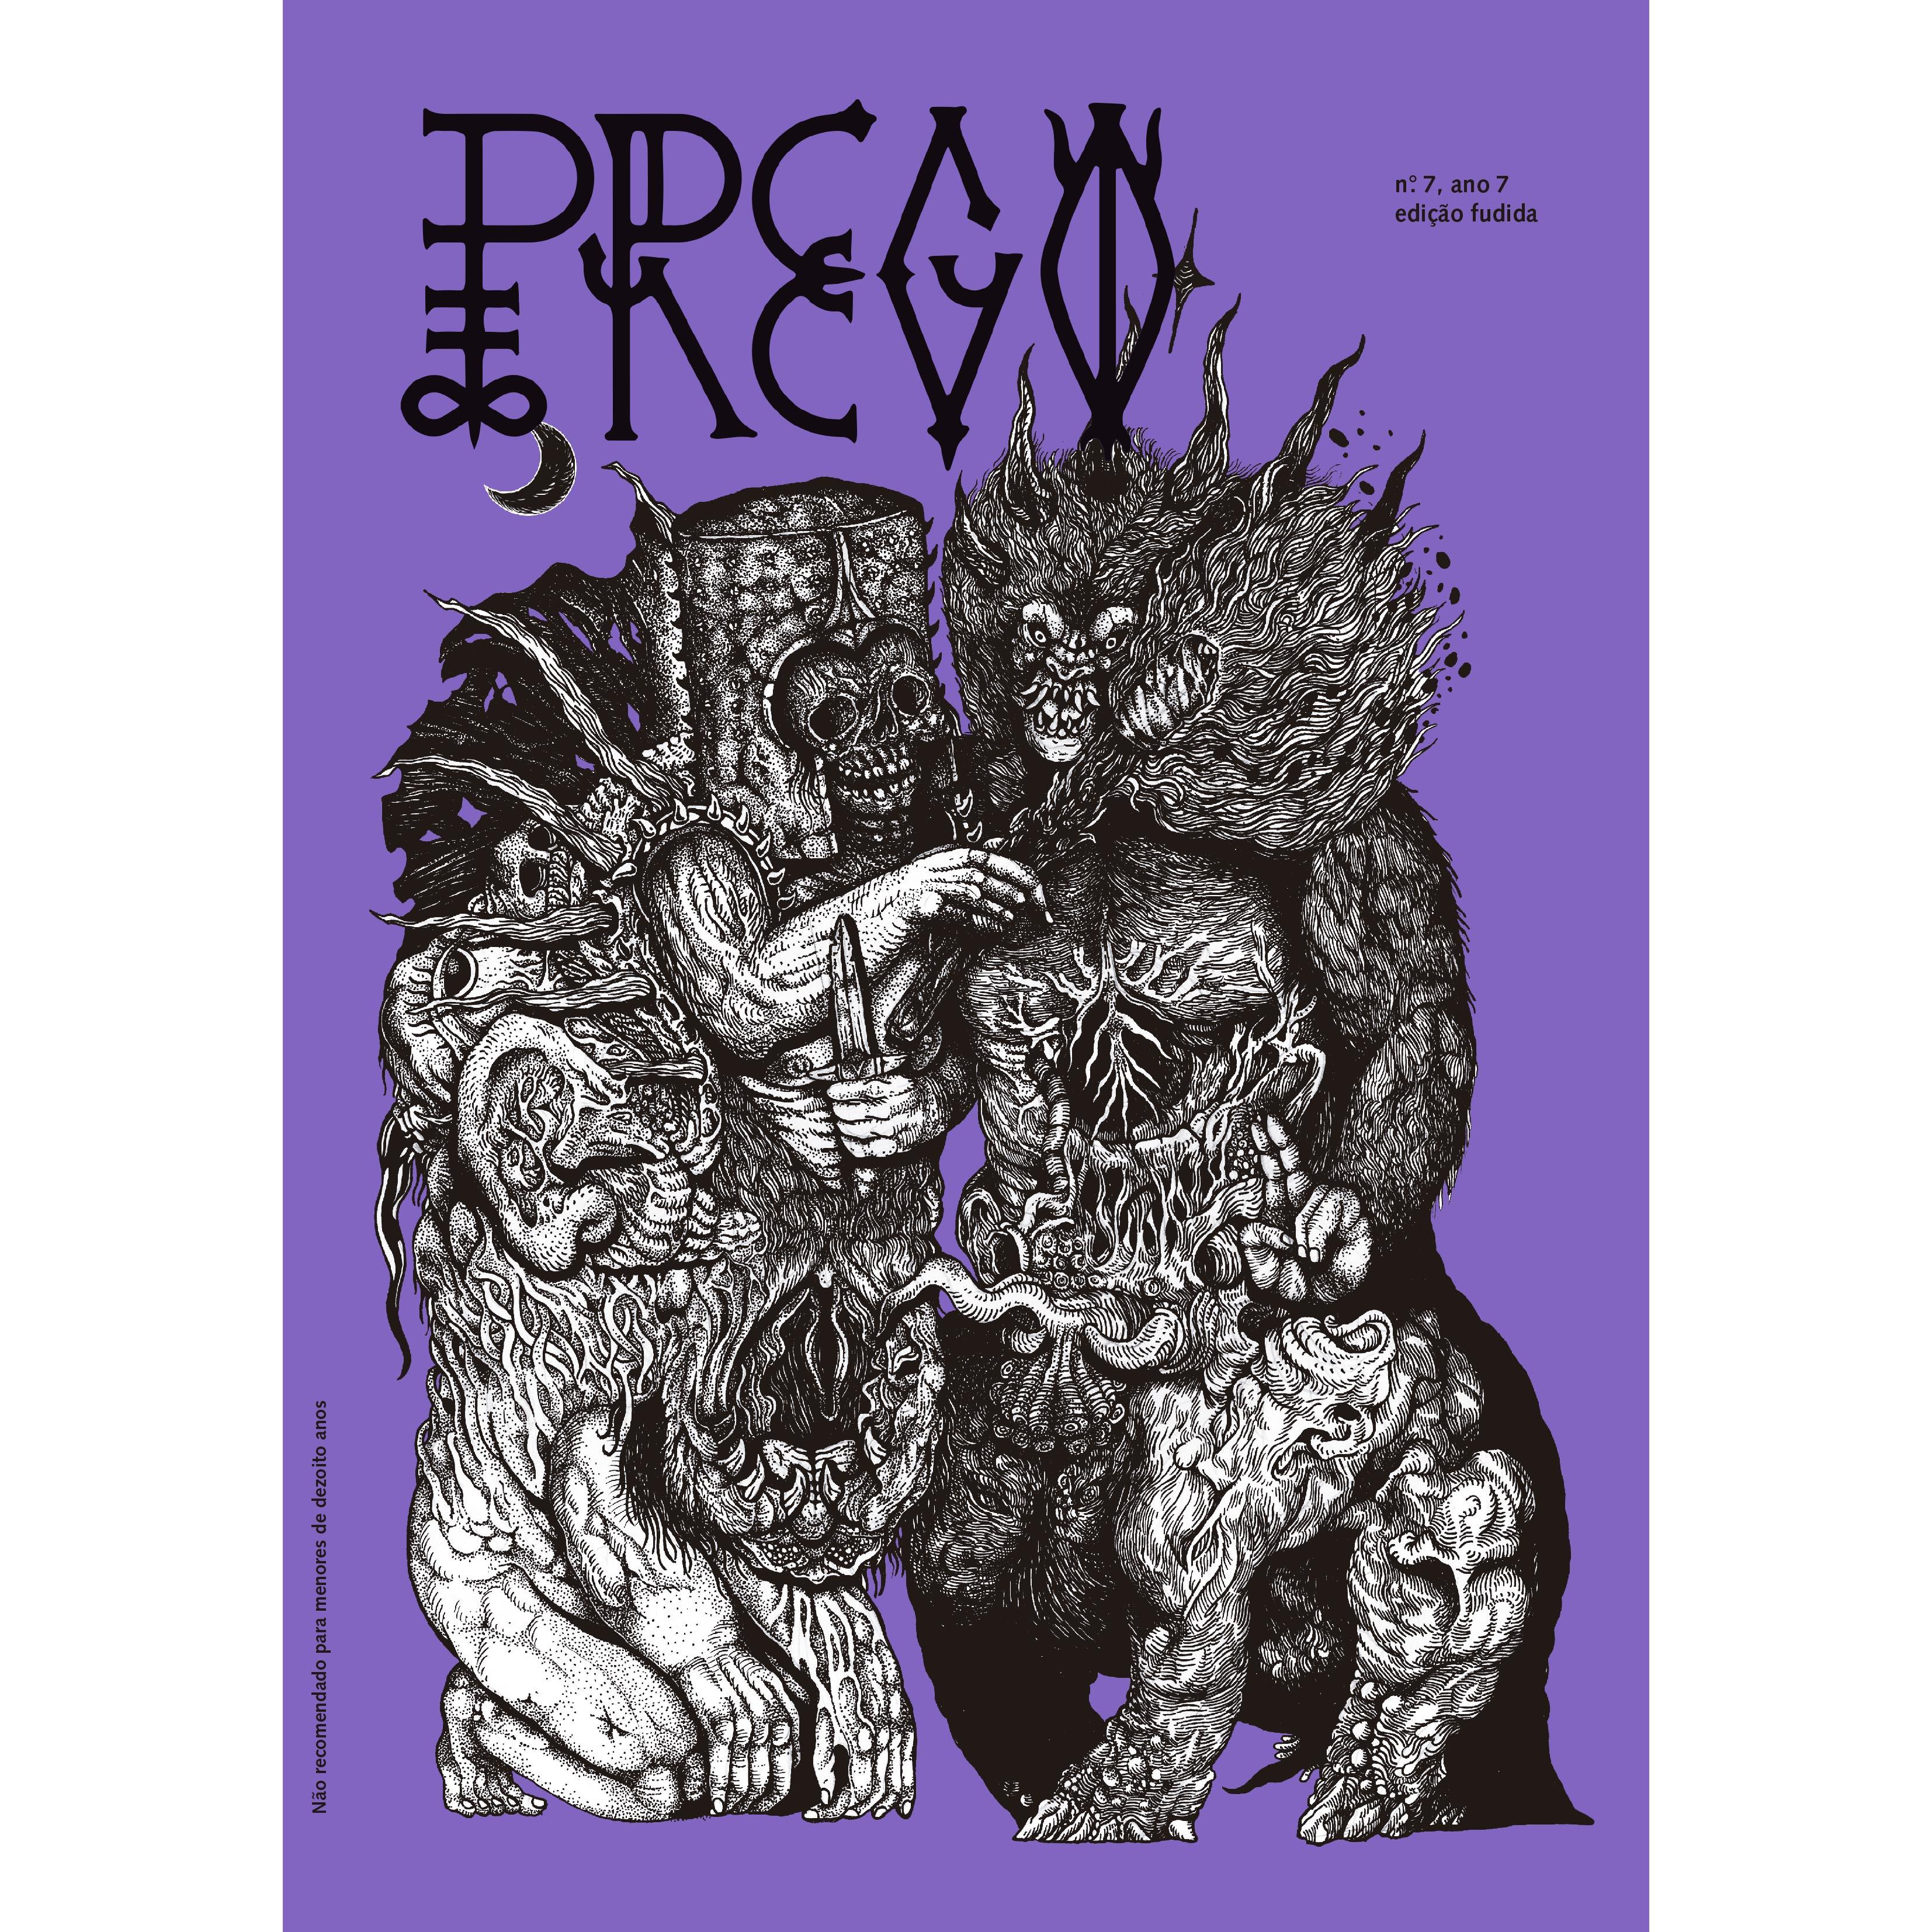 Prego - Antologia de quadrinhos, colagens, ilustrações, fotografias e entrevistas, com veia punk. Foi criada em 2007 por um coletivo do Espírito Santo e teve sete edições.